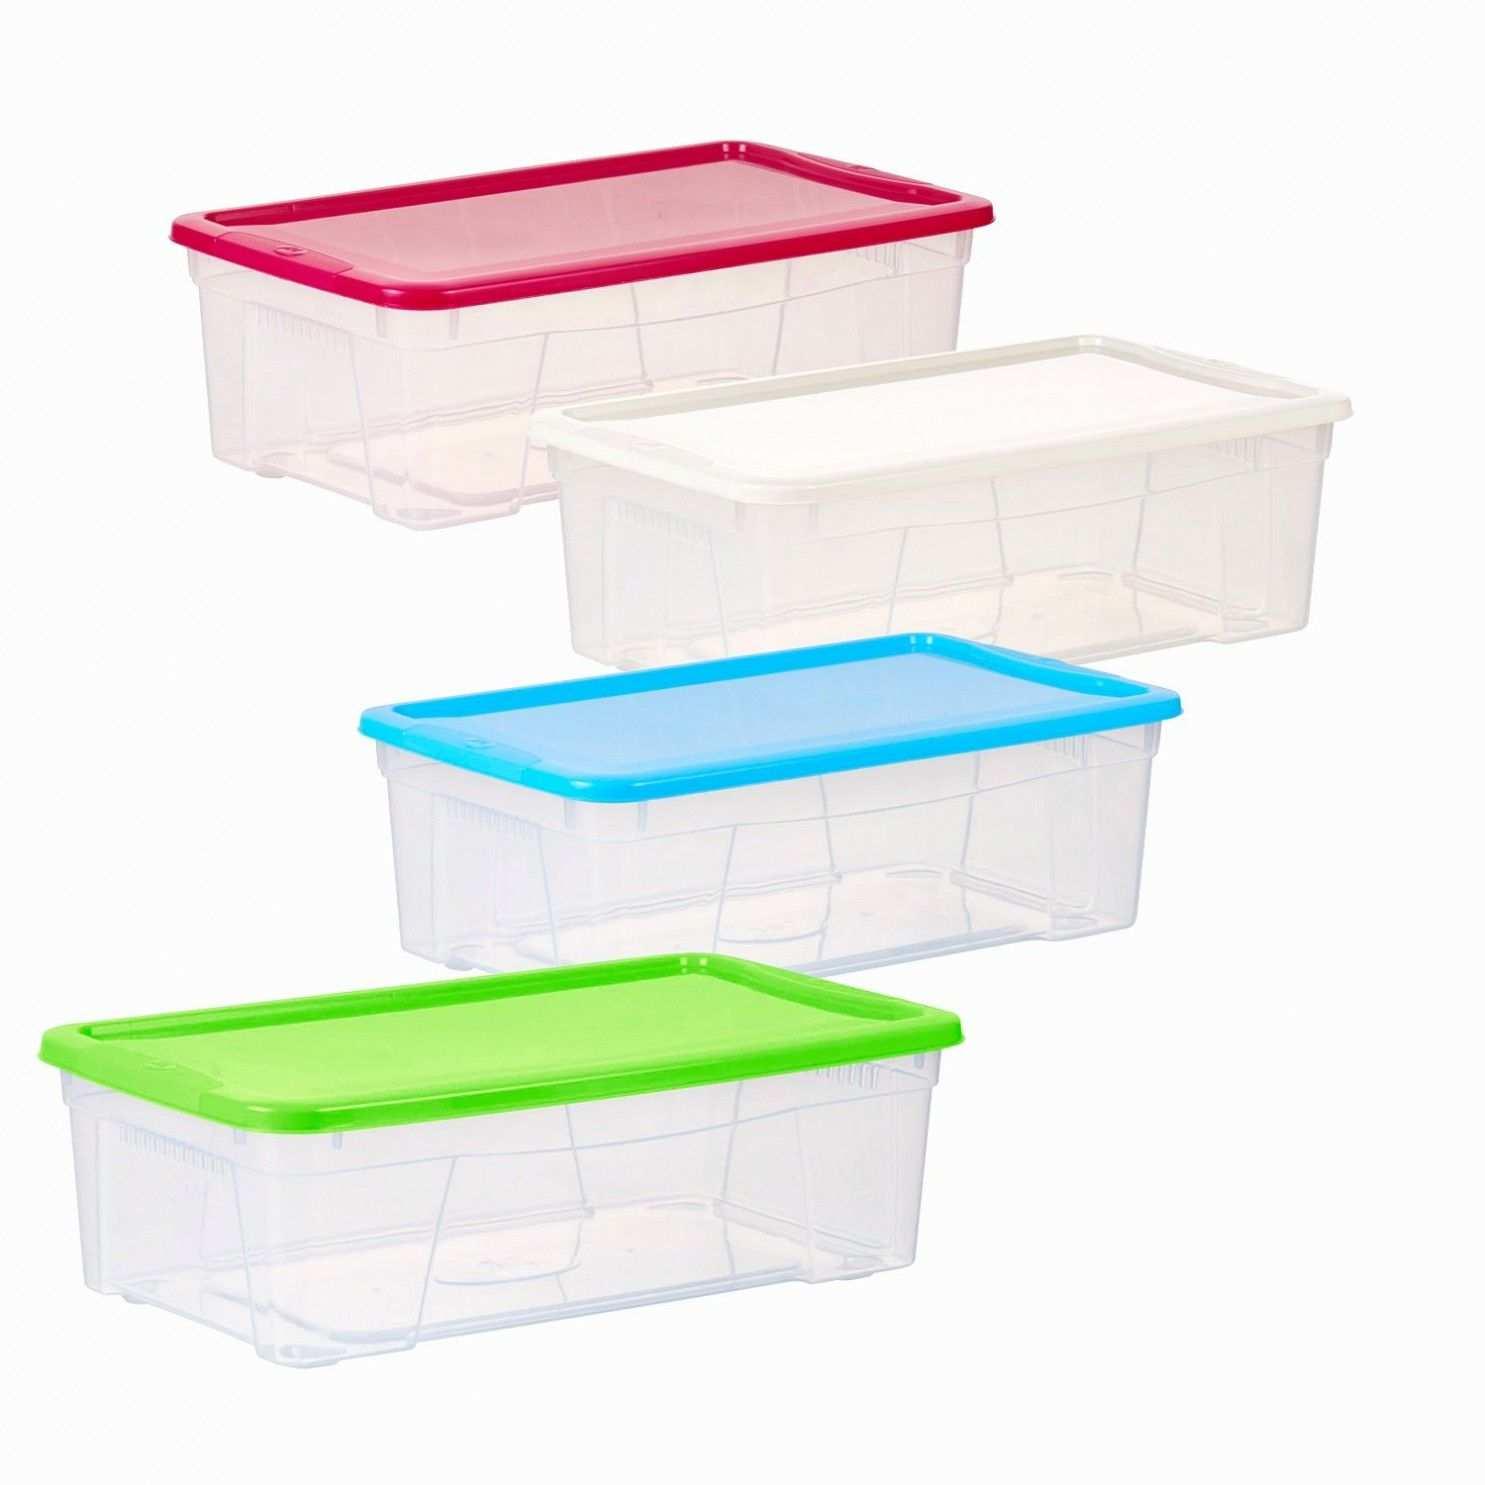 Full Size of Aufbewahrungsboxen Kinderzimmer Mint Aufbewahrungsbox Ebay Stapelbar Amazon Holz Plastik Design Mit Deckel Ikea Tv Mbel Lewis Online Regal Weiß Sofa Regale Kinderzimmer Aufbewahrungsboxen Kinderzimmer